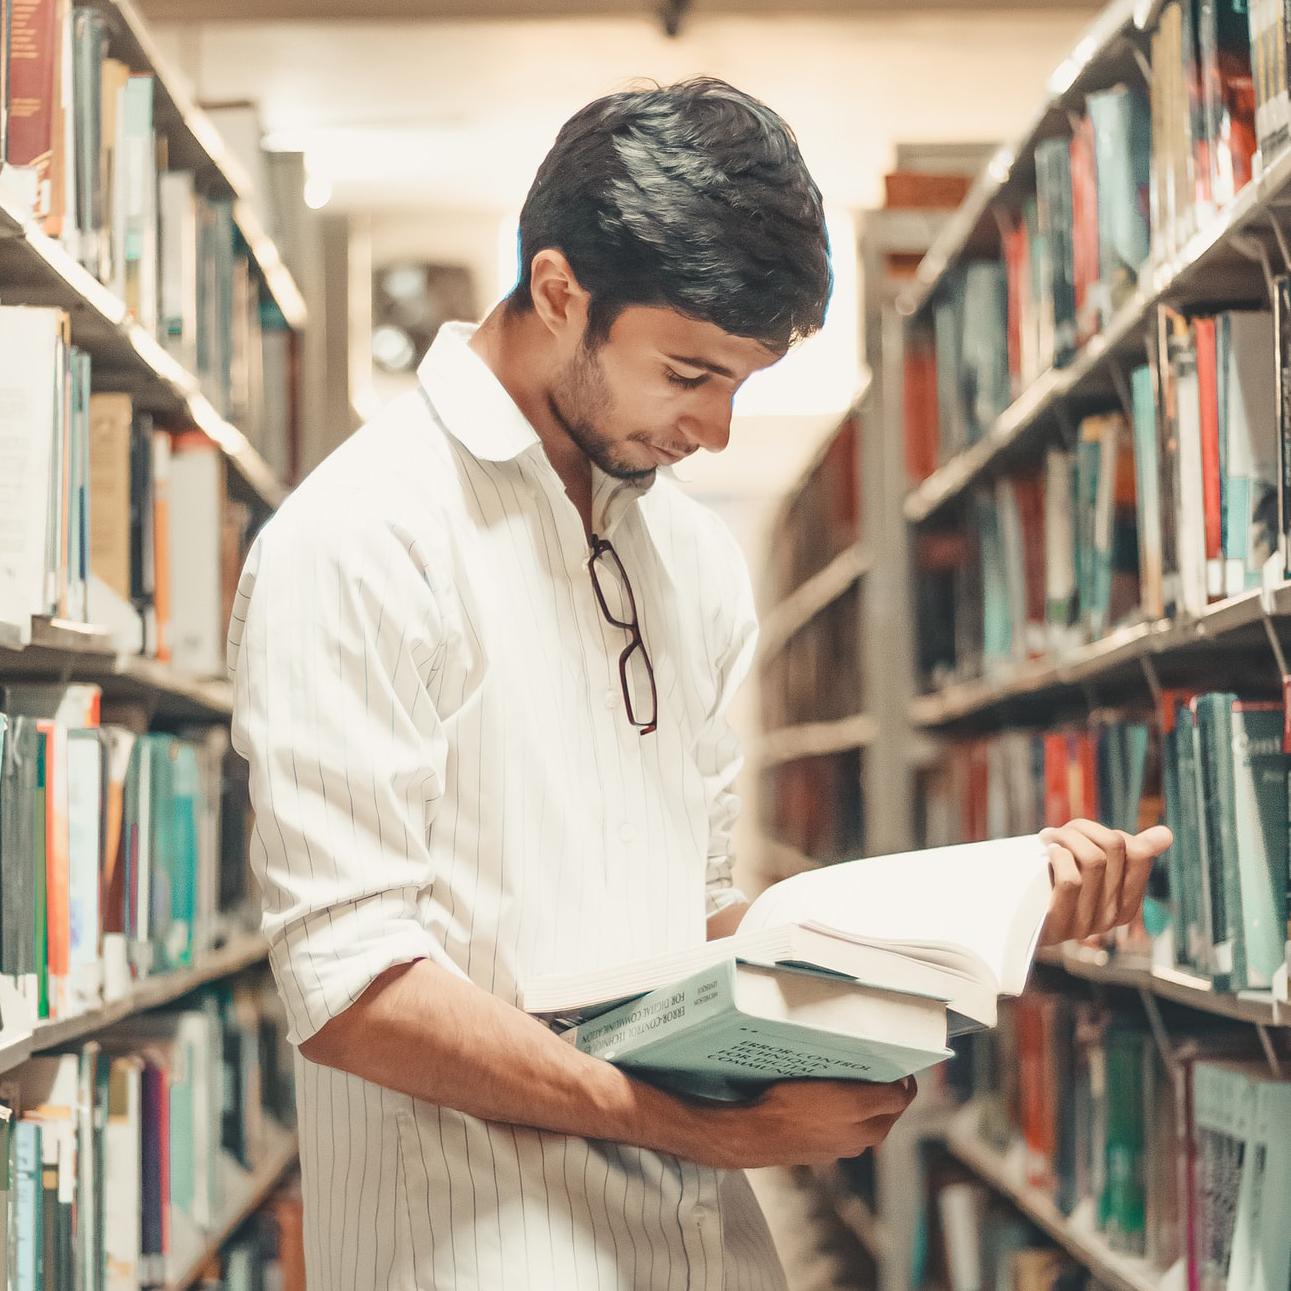 Votre bibliothèque et les questions d'argent : quelques lectures populaires sur les finances personnelles